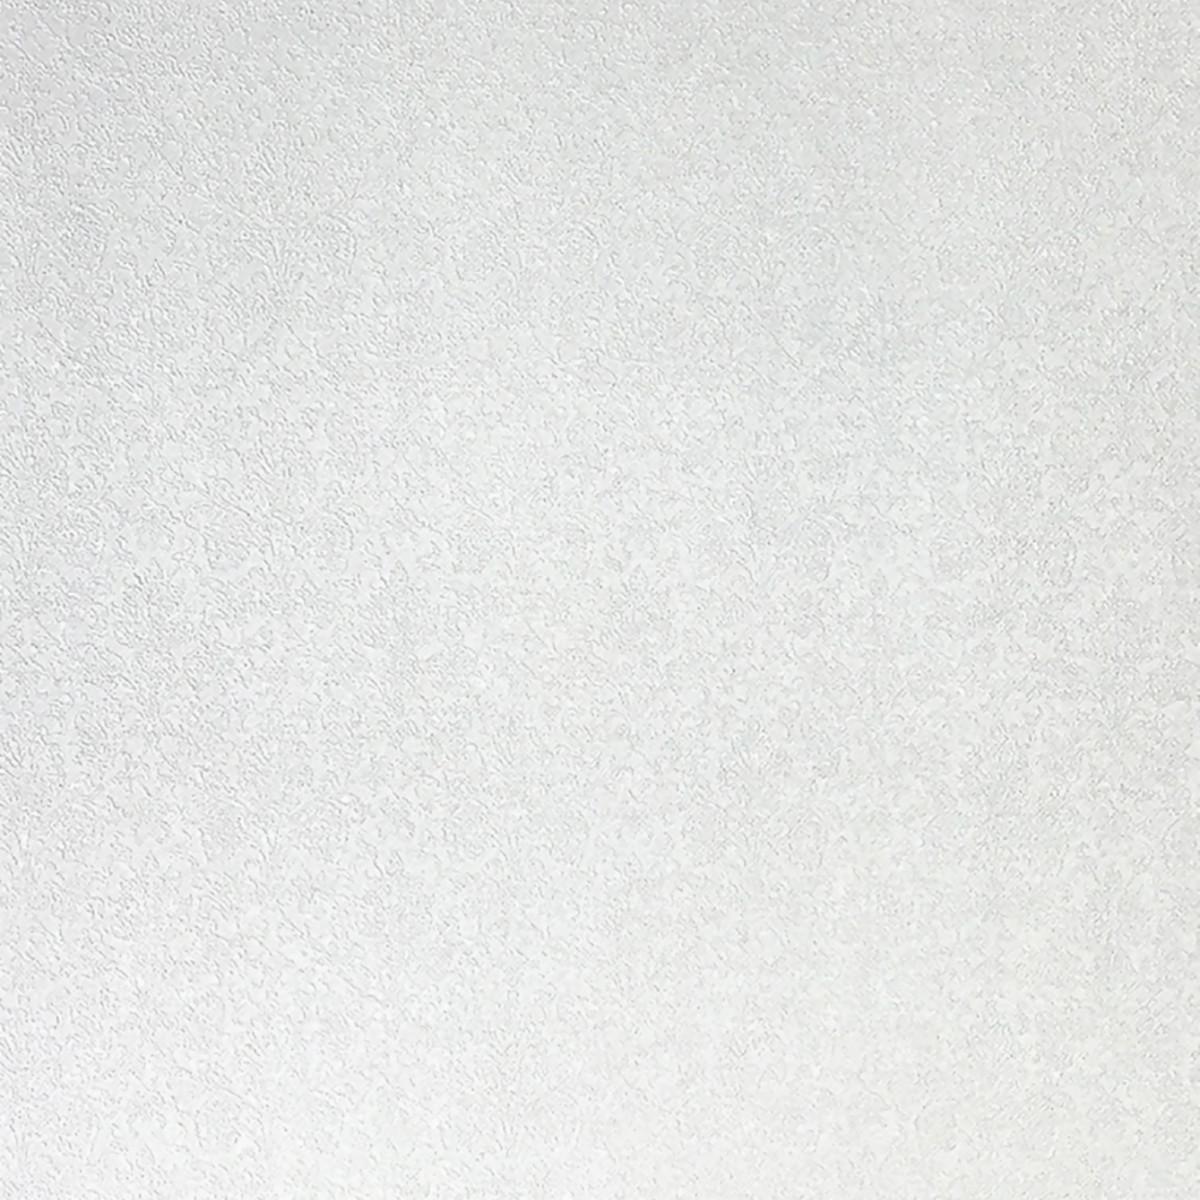 Обои флизелиновые Yien Diversity серые 1.06 м 39012-10